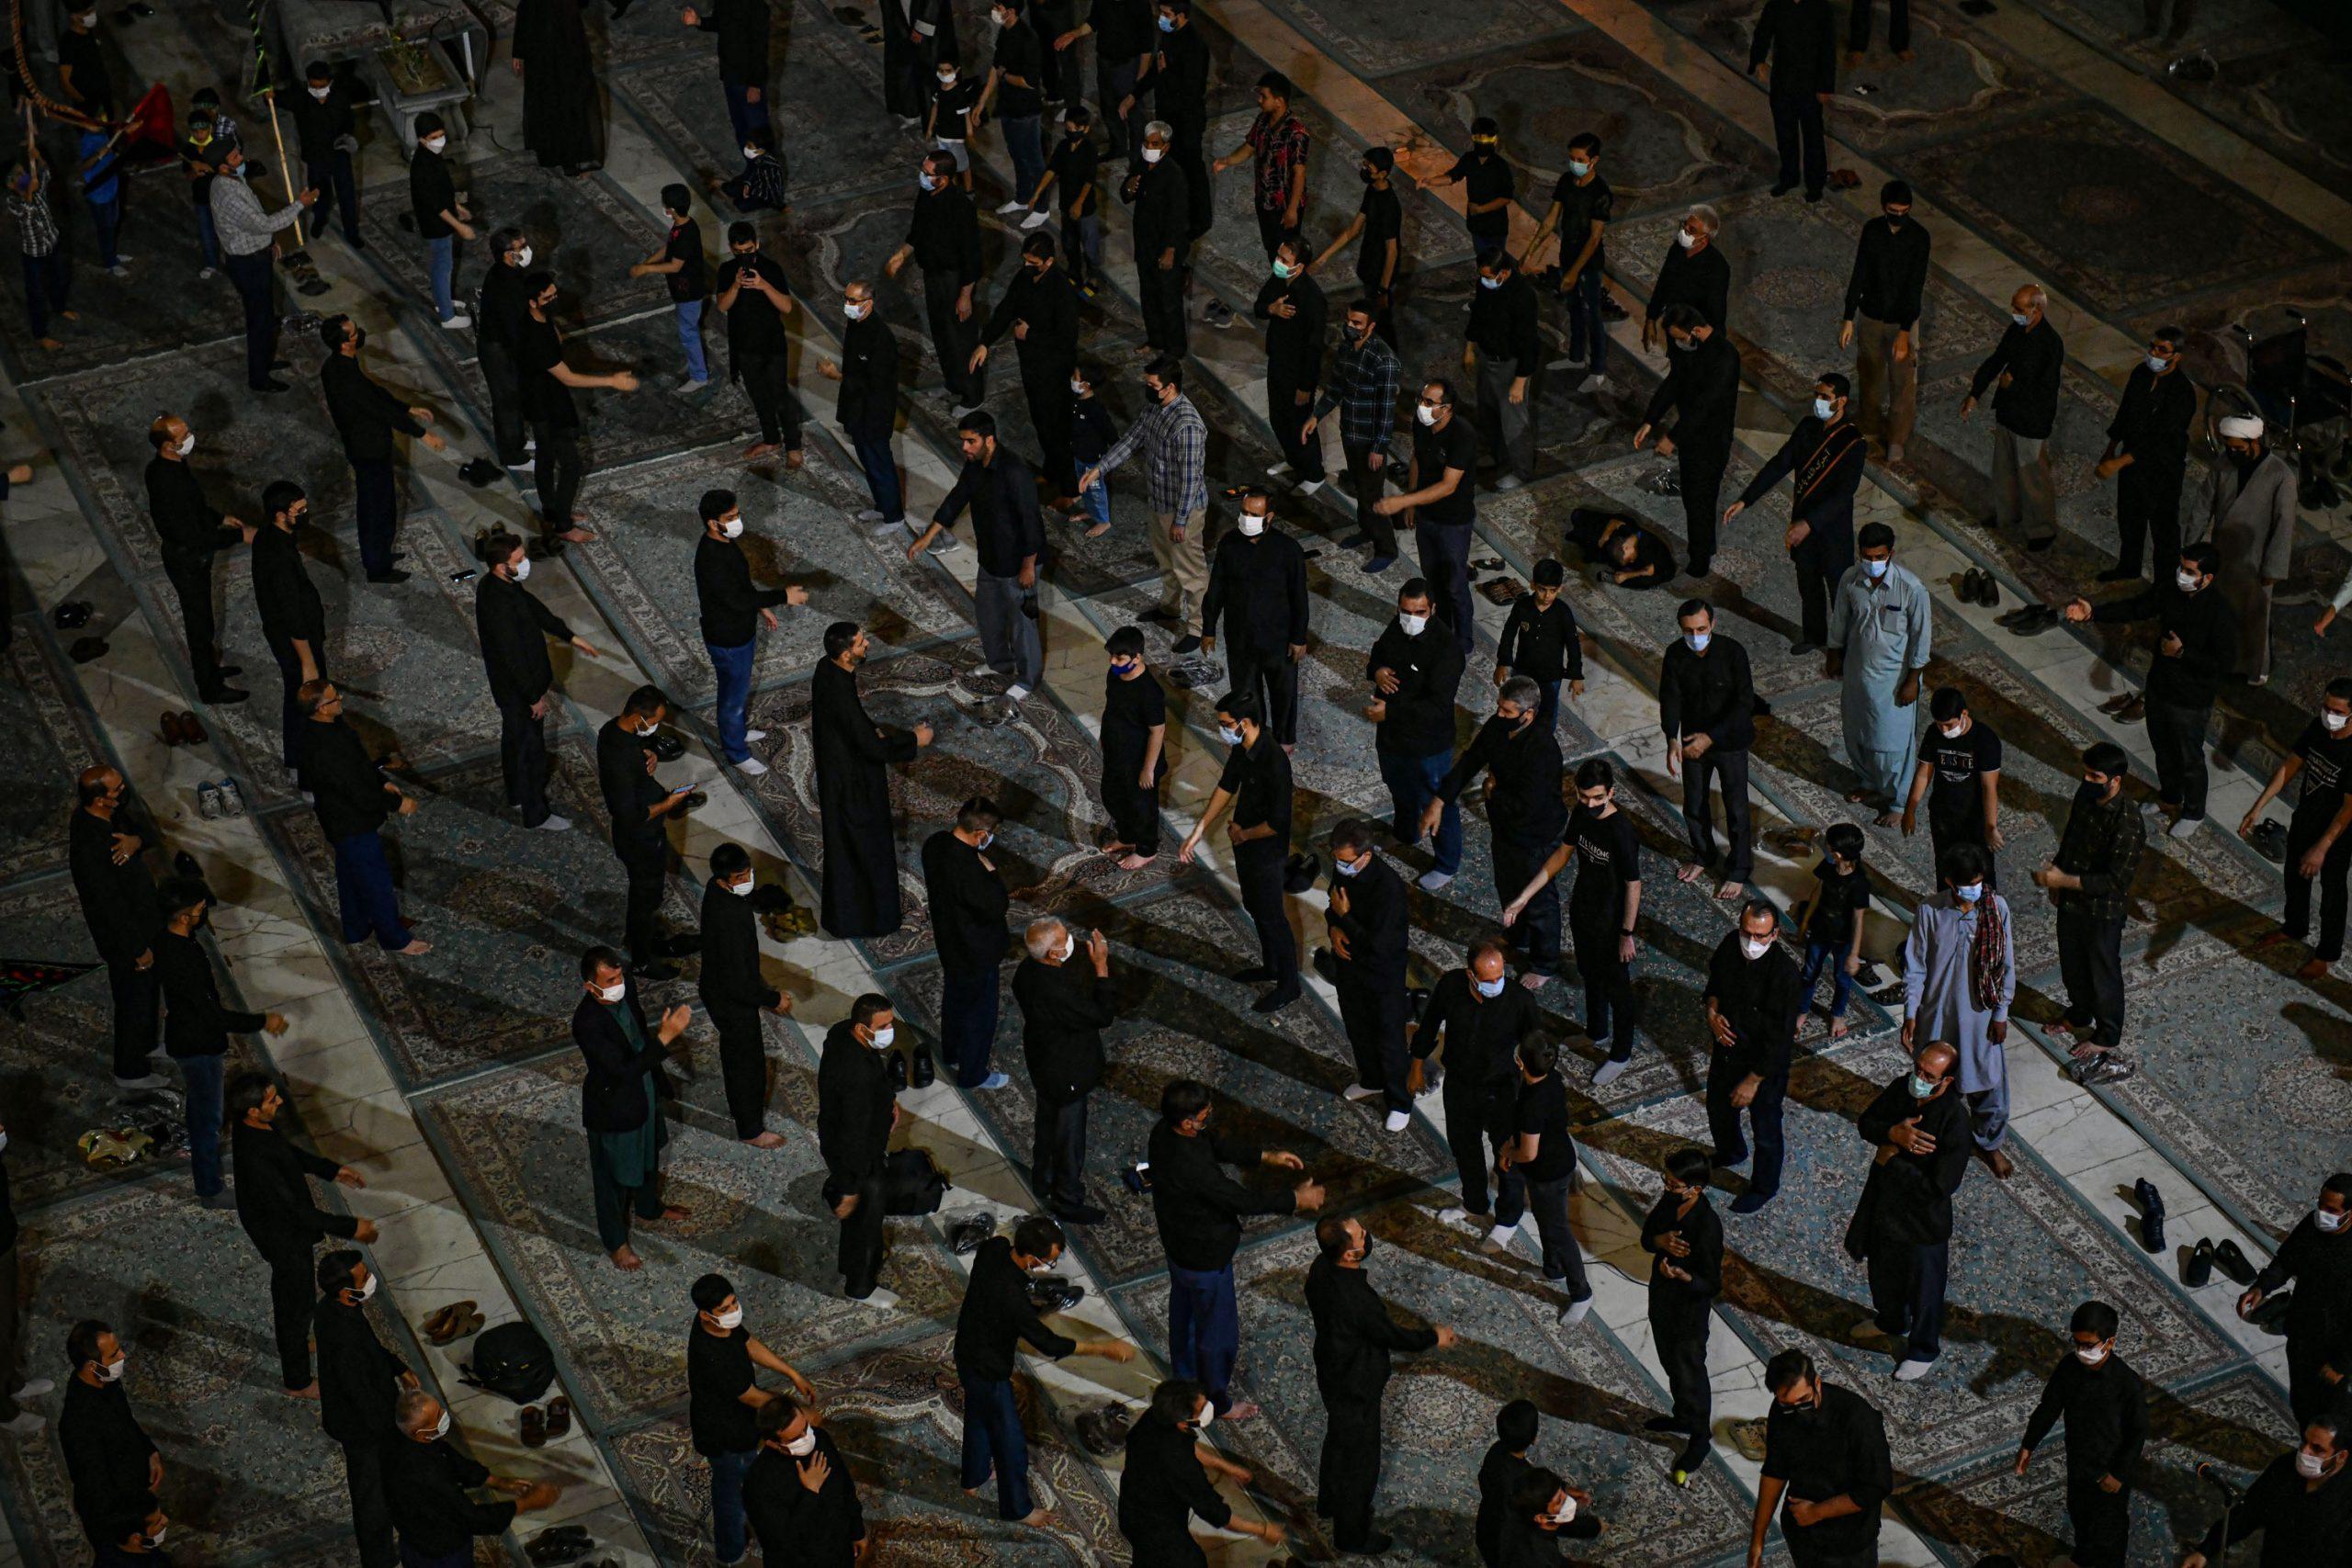 گزارش خبری صدا و سیما از مراسم دهه اول محرم در مسجد مقدس جمکران